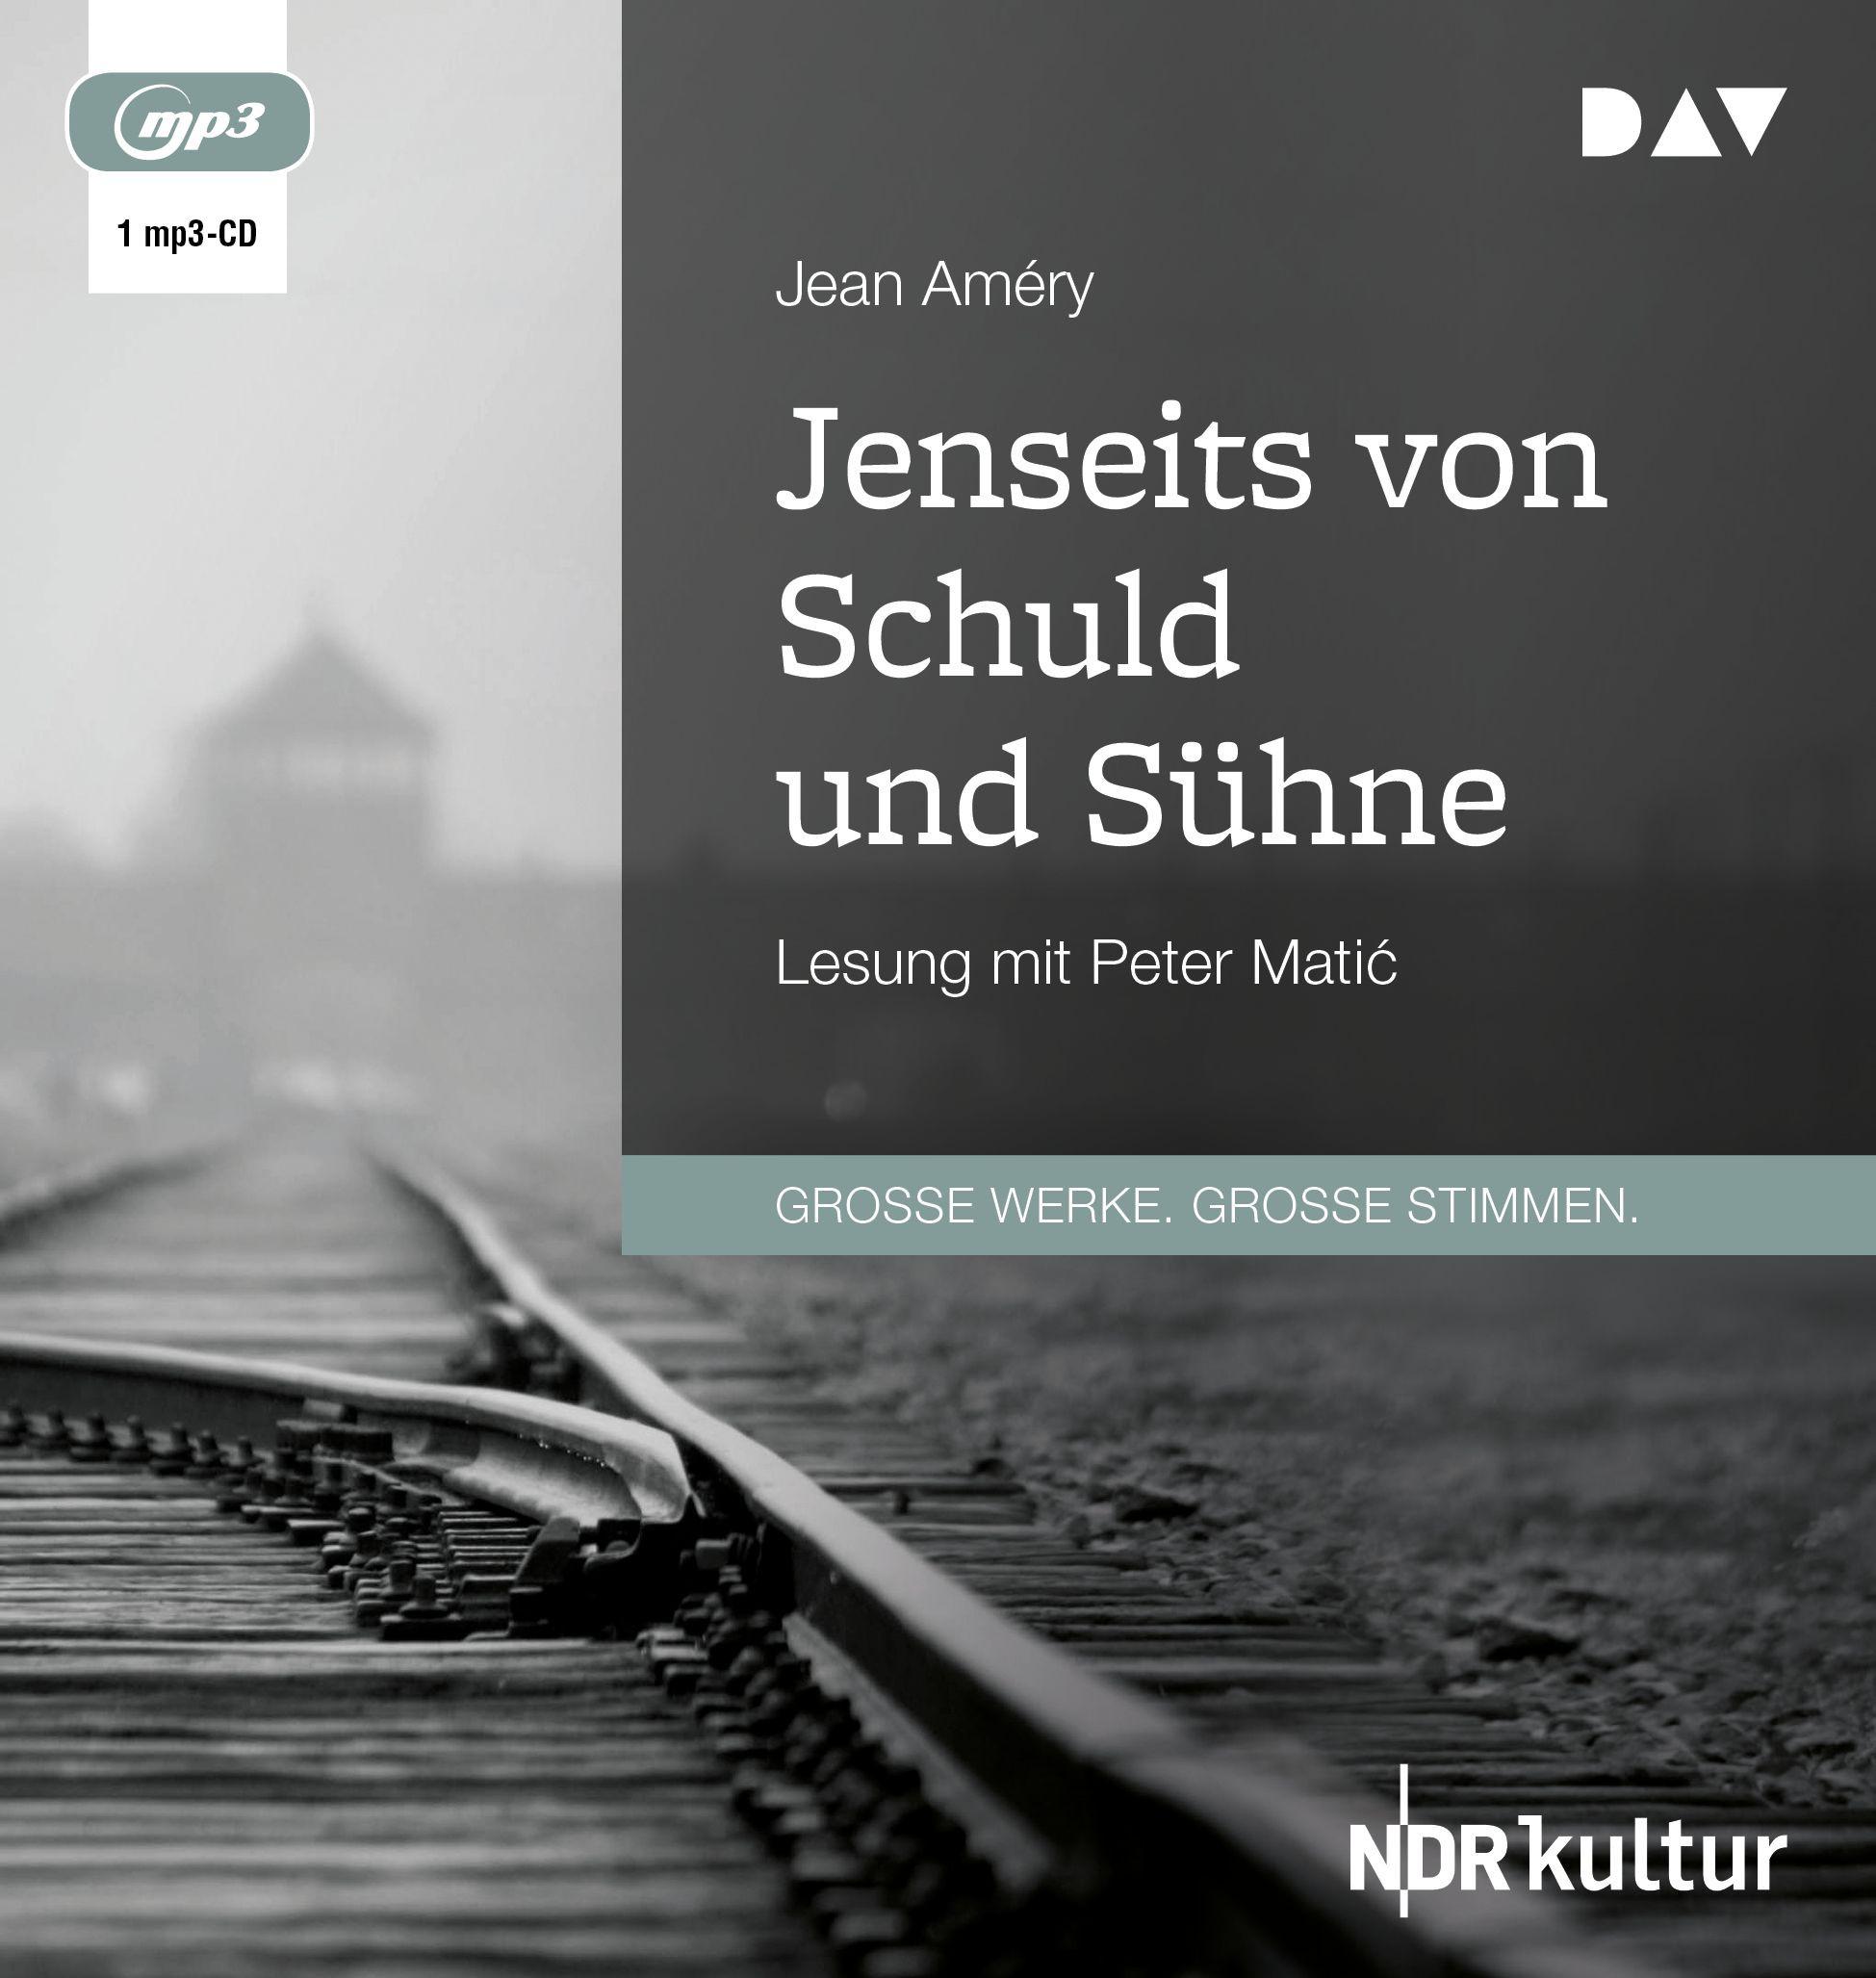 Jean Améry - Jenseits von Schuld und Sühne